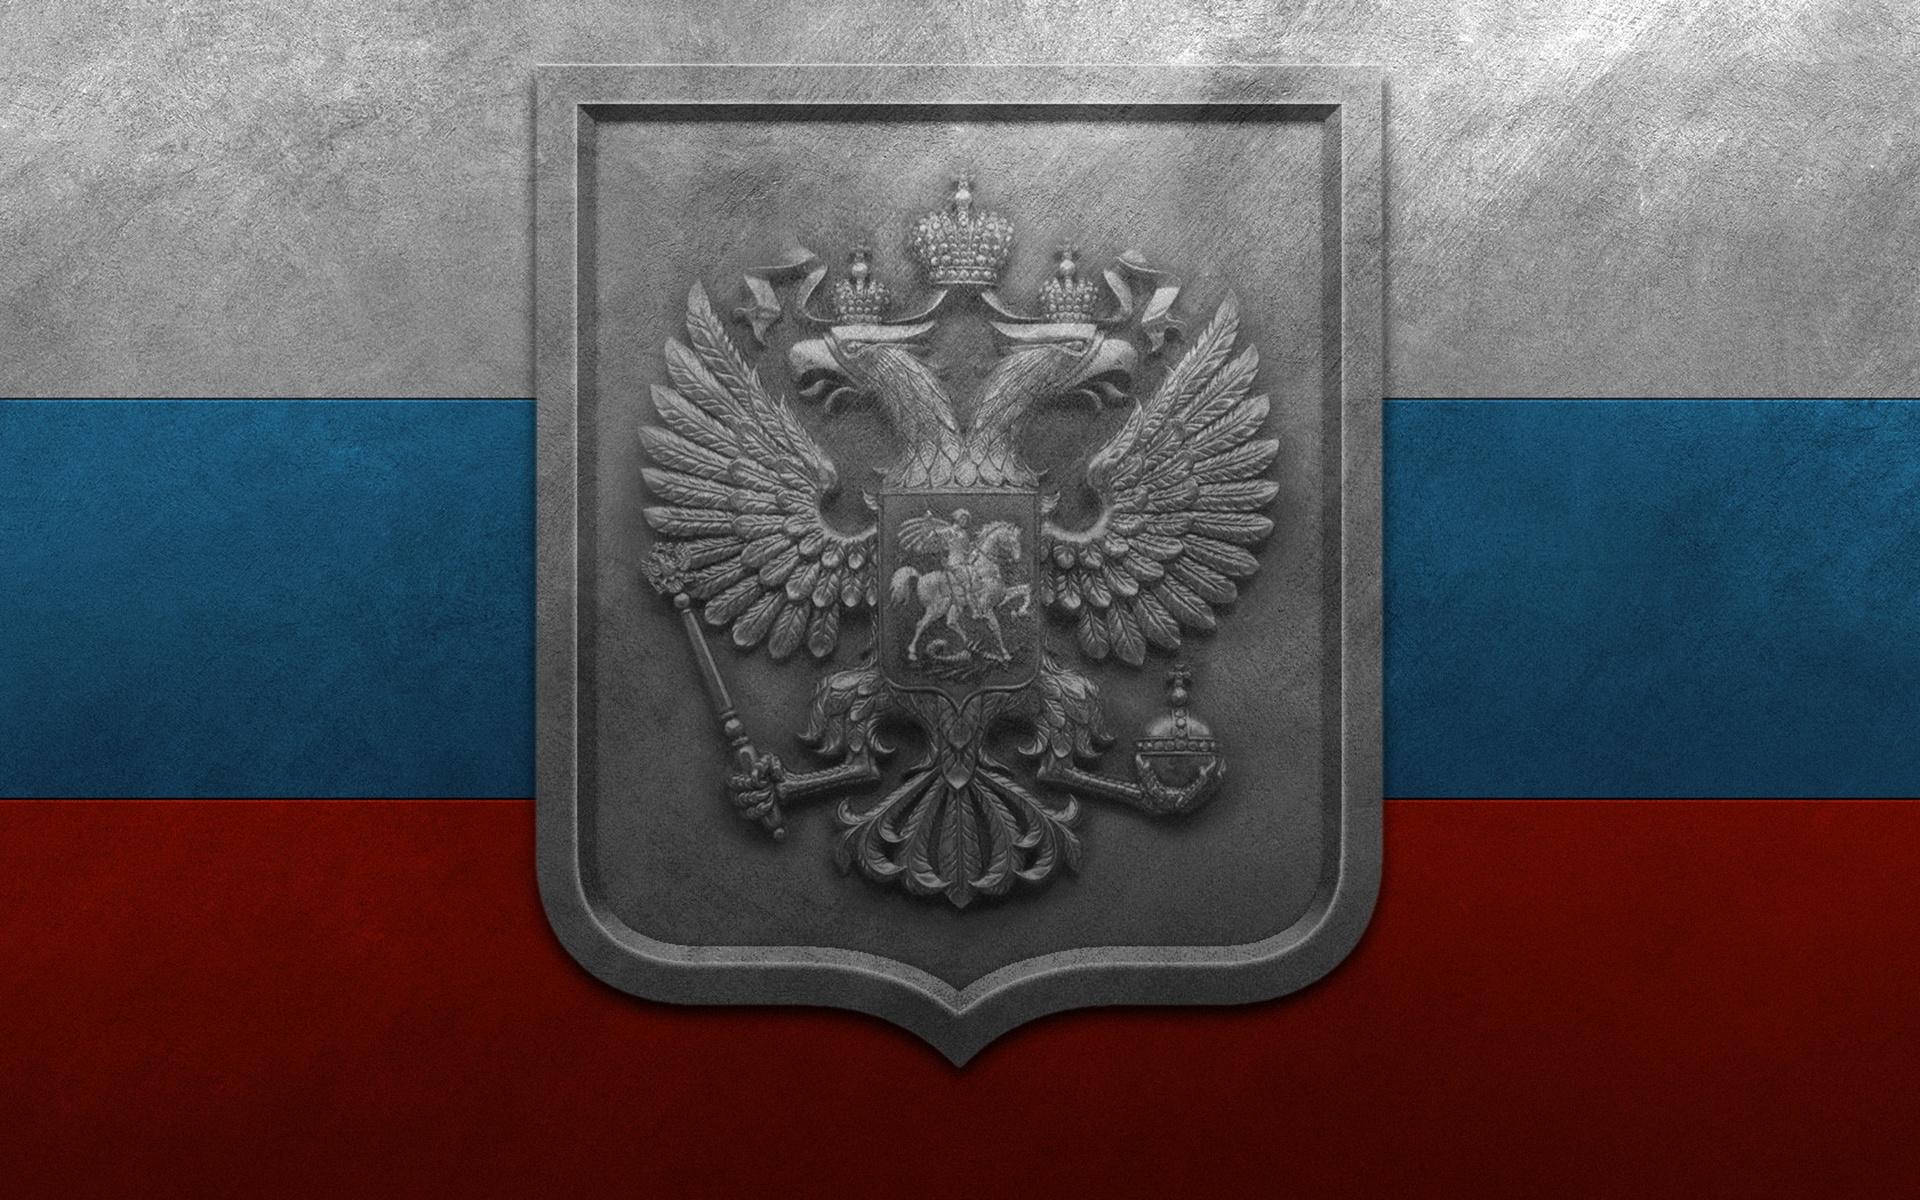 обои на рабочий стол флаг и герб россии индекс